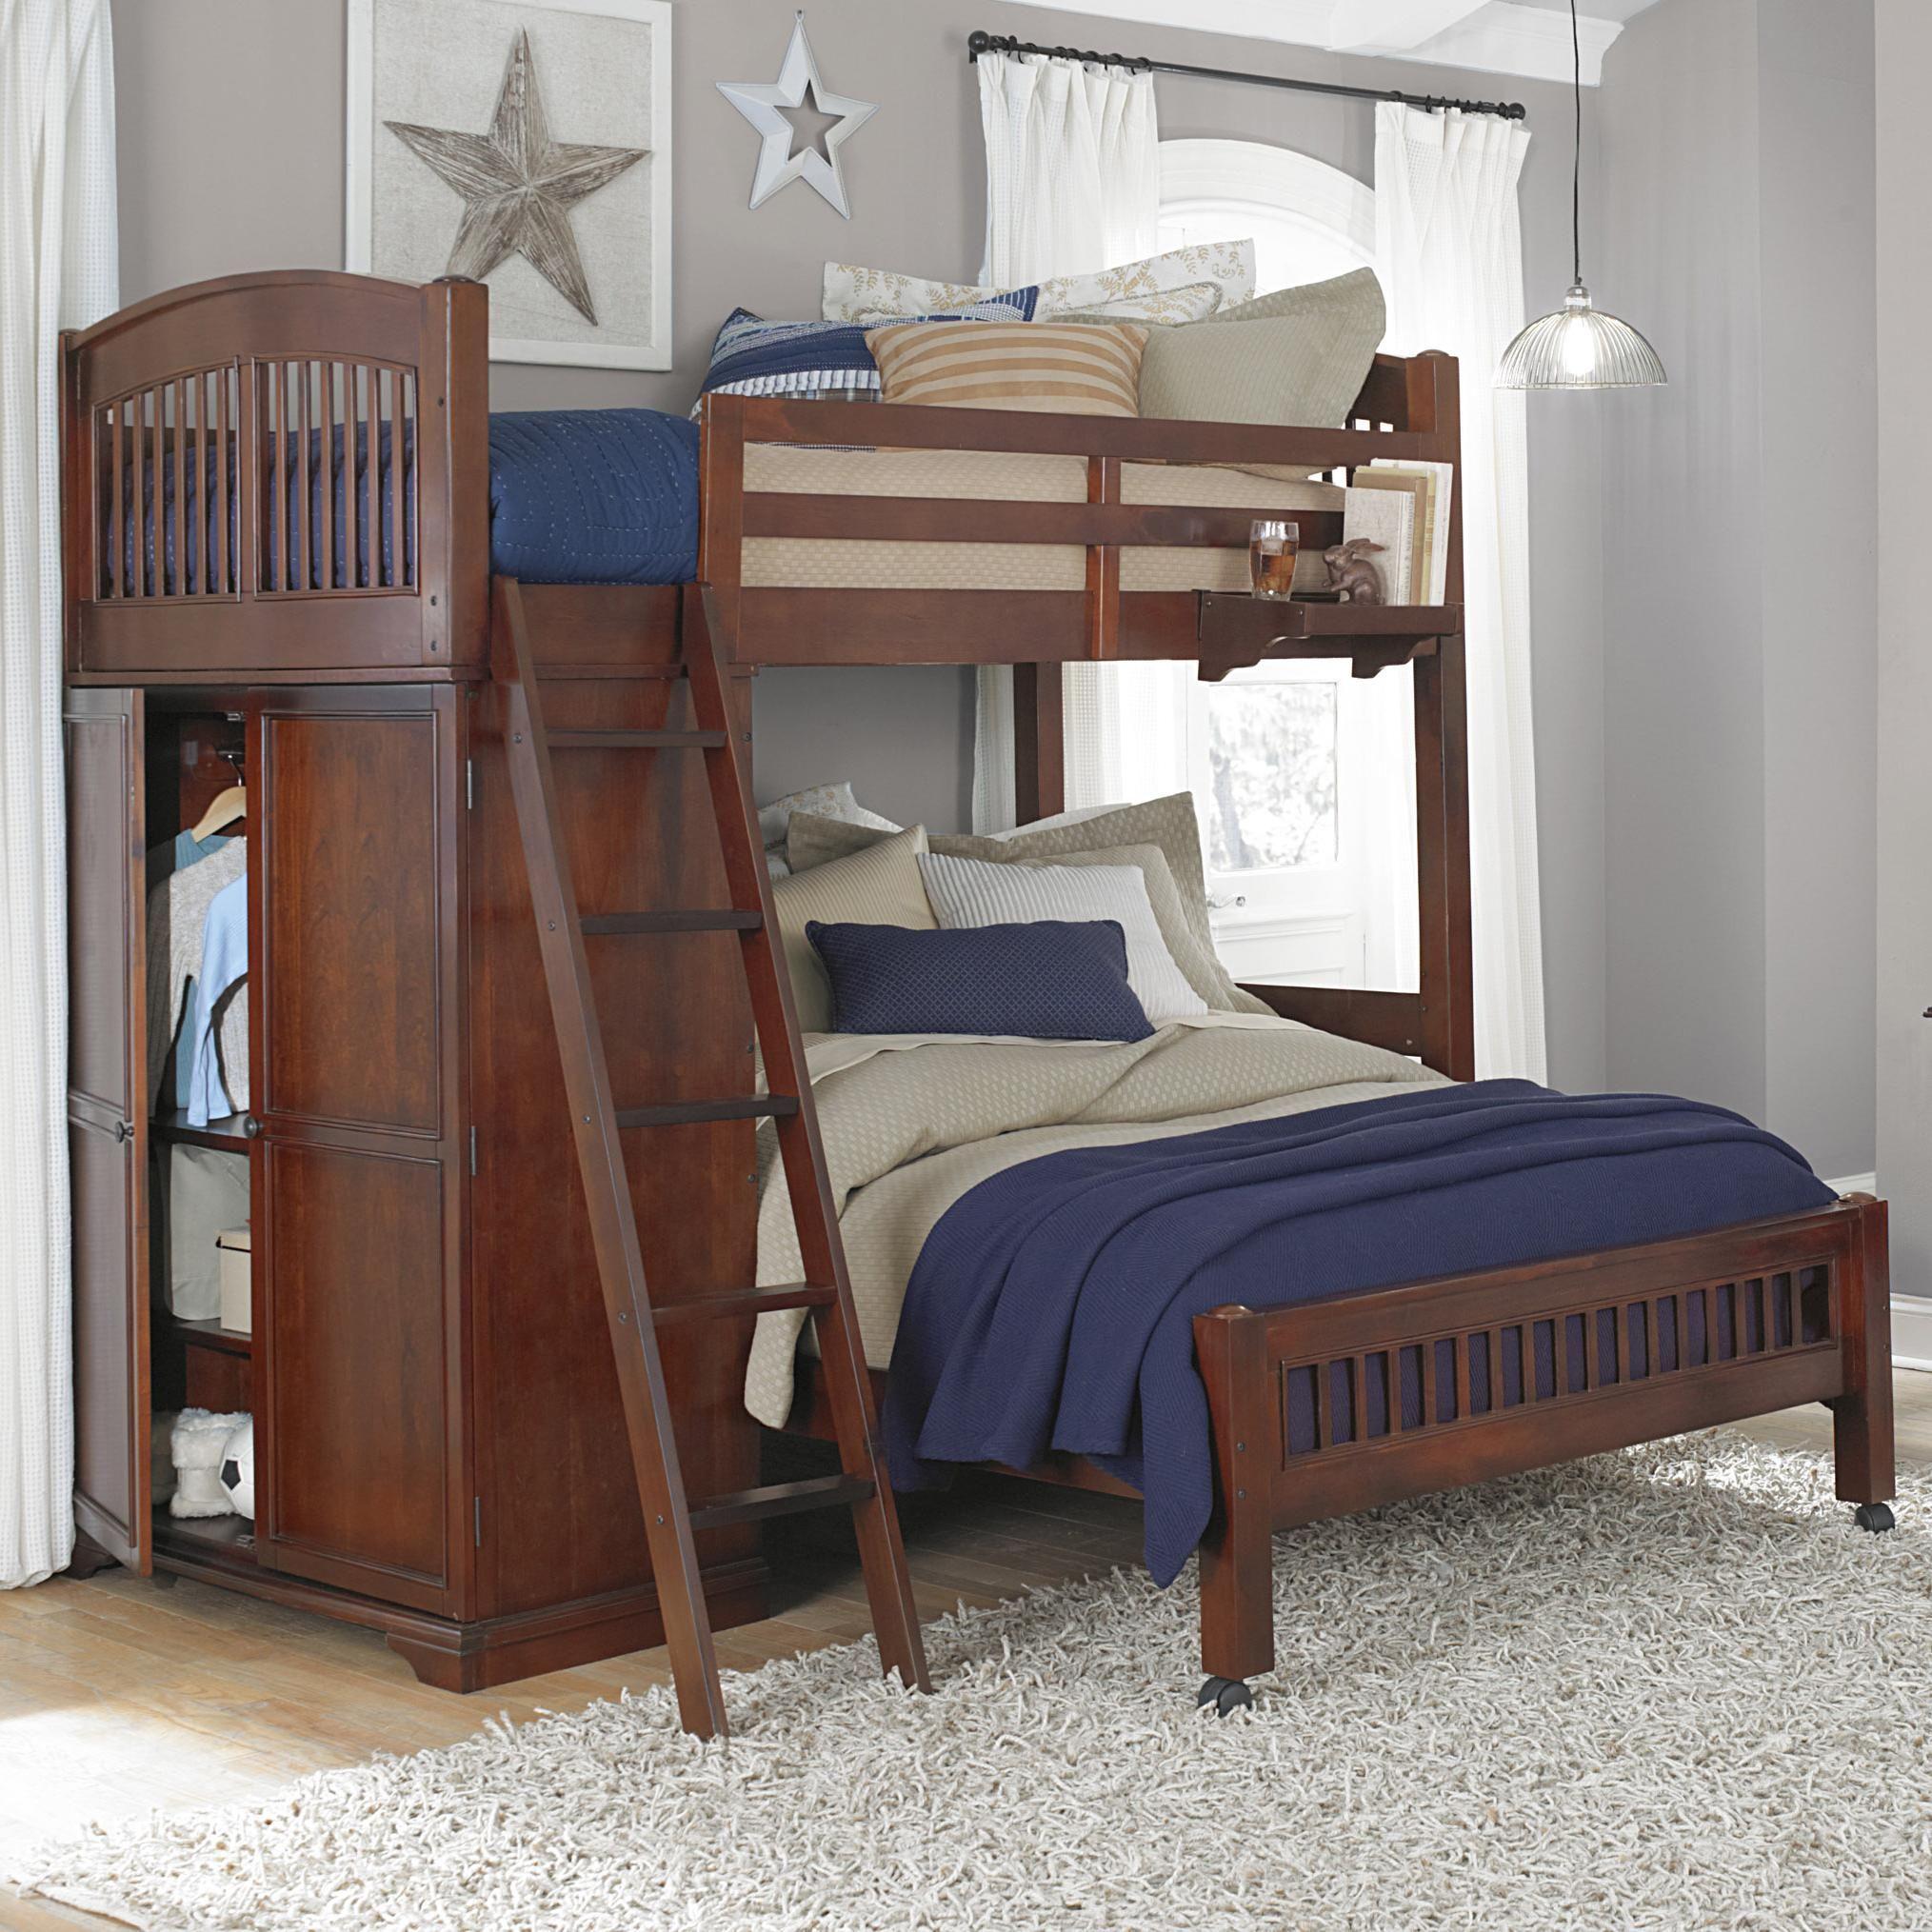 Twin loft bed ideas  Walnut Street Locker Loft with Full Lower Bed by NE Kids  Boys room